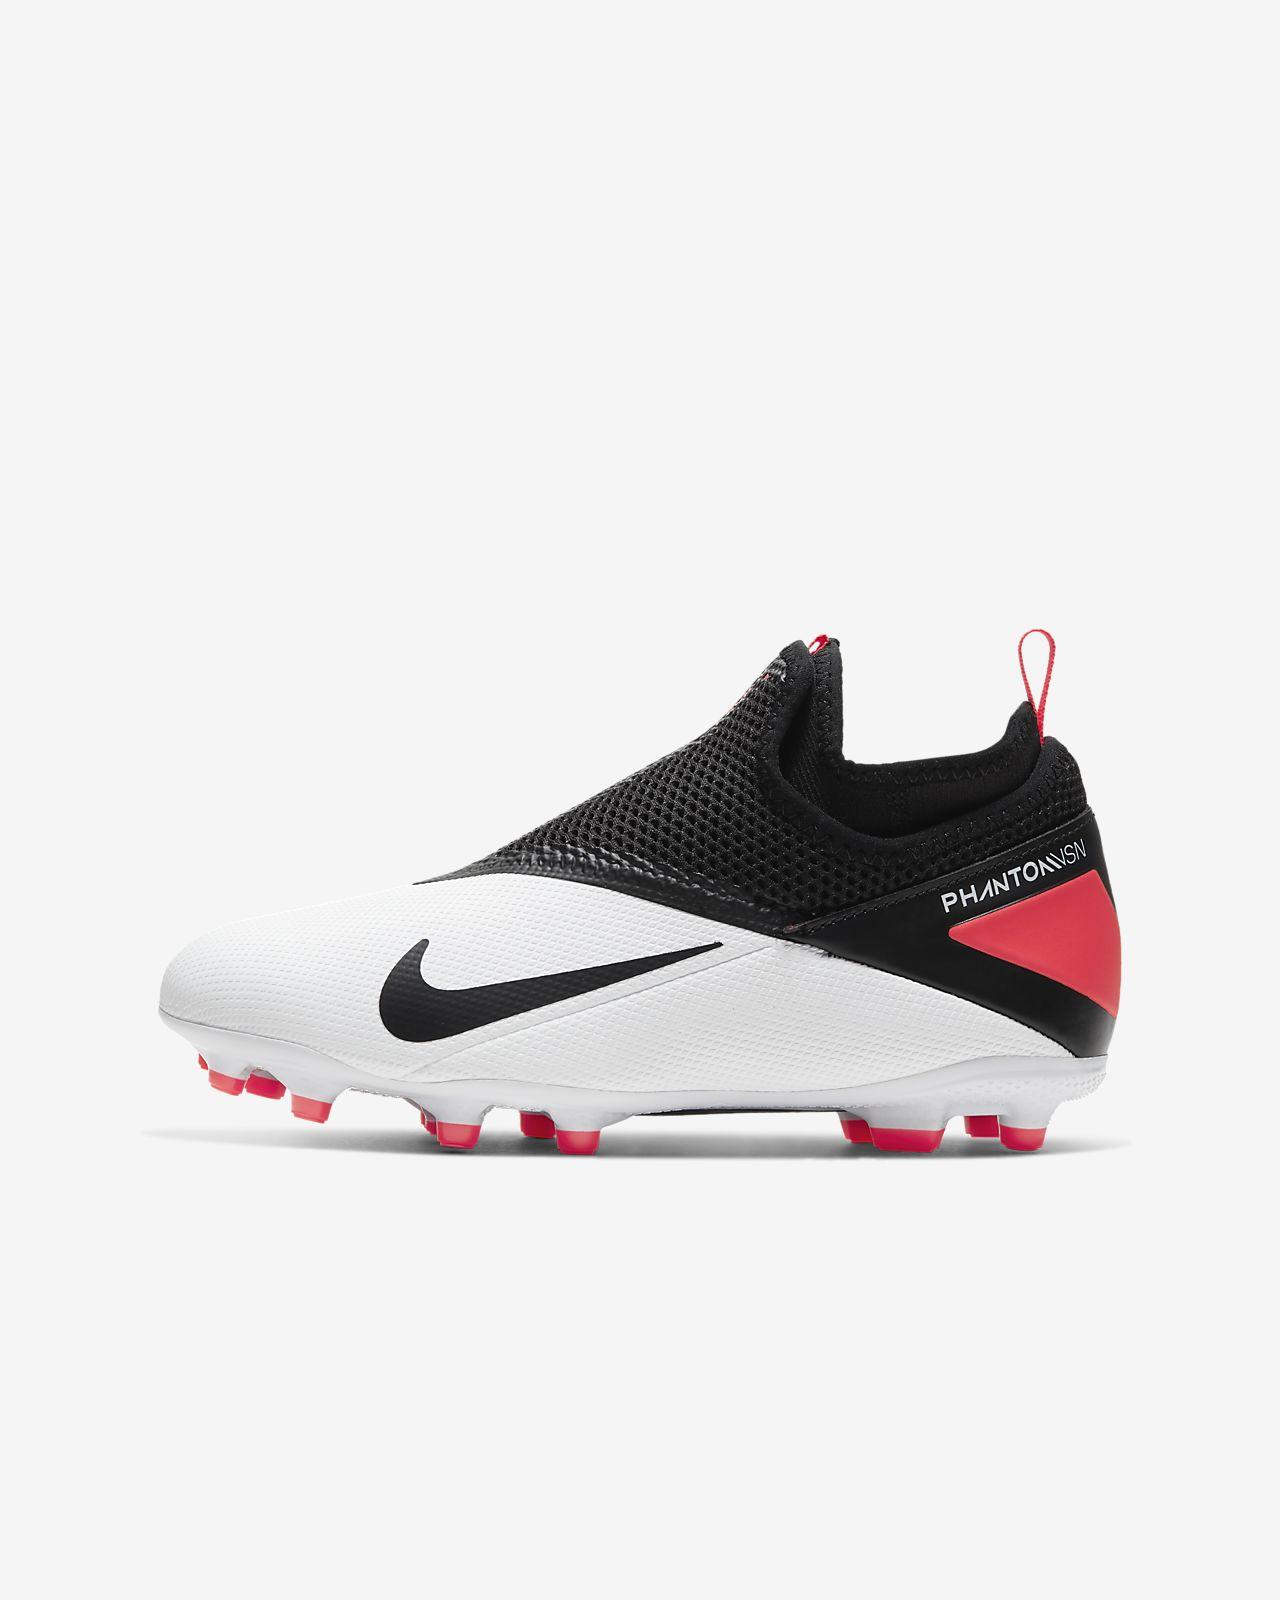 chaussure de foot enfant nike phantom